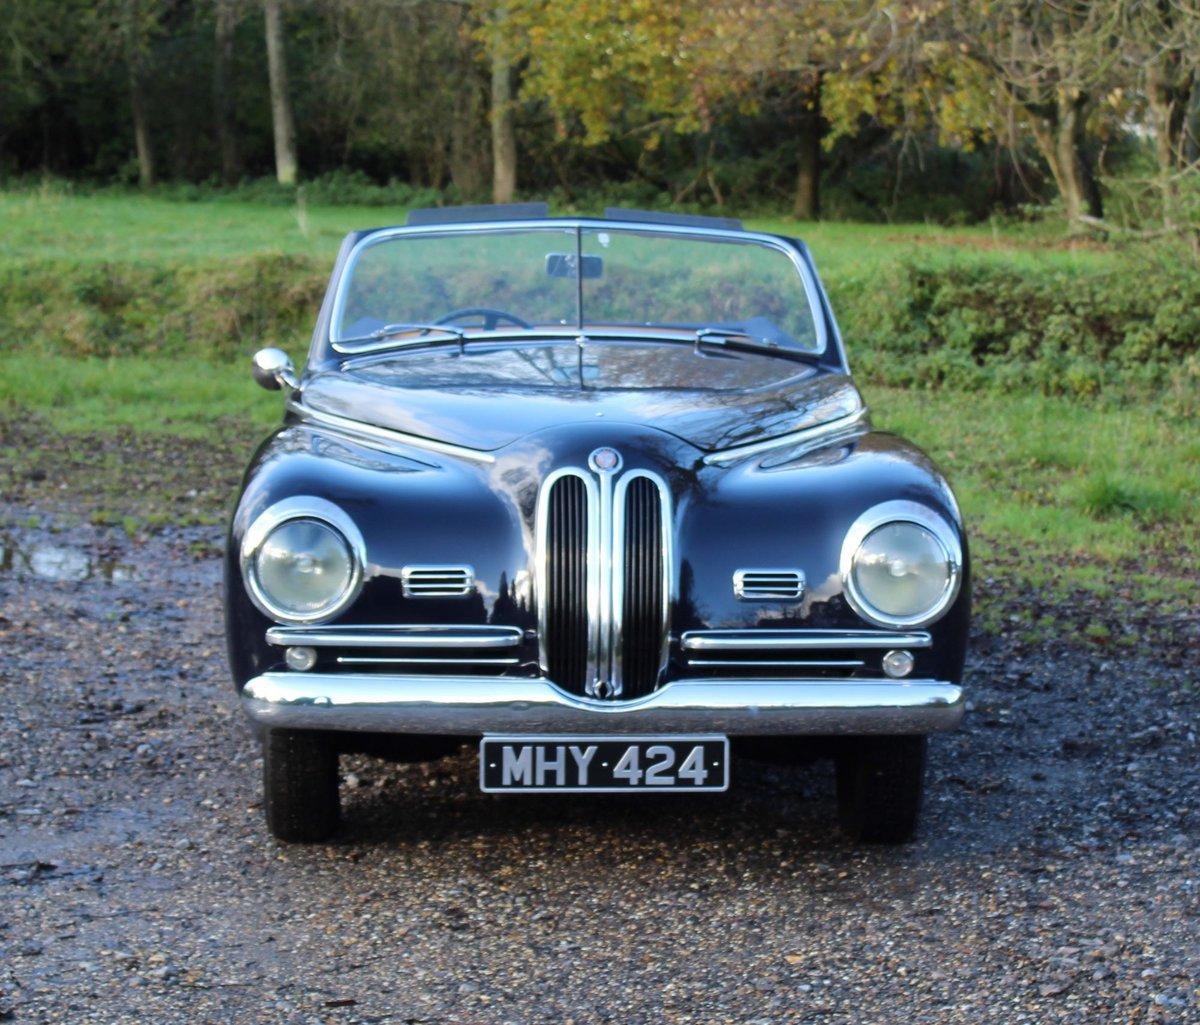 1950 Bristol 401 Farina Convertible For Sale (picture 2 of 8)